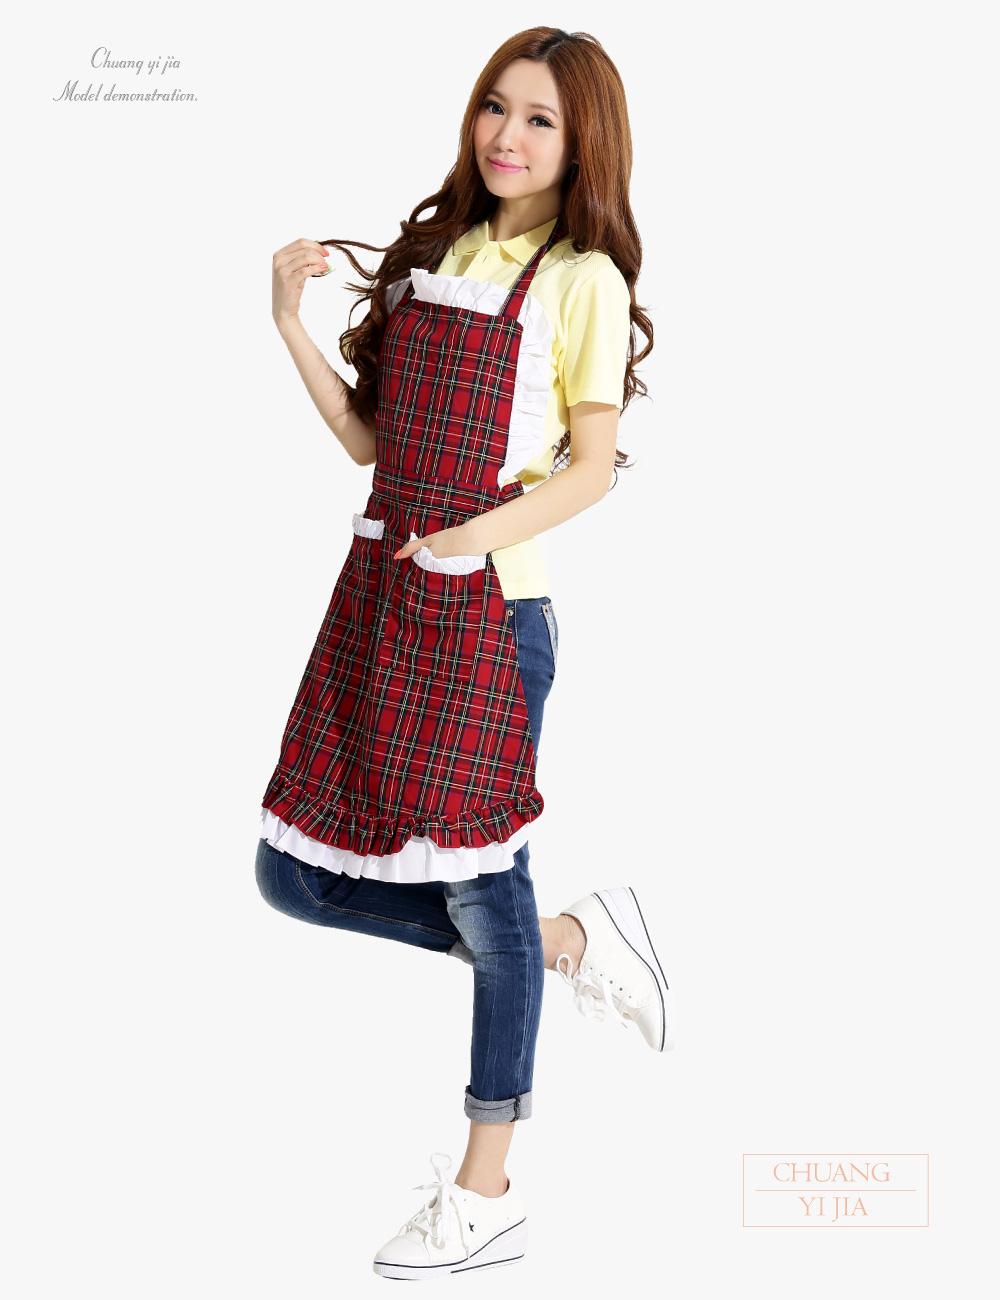 荷葉邊井式圍裙,內廚井式圍裙,幼兒園老師圍裙,烘培圍裙,園藝圍裙,防髒圍裙,日式圍裙